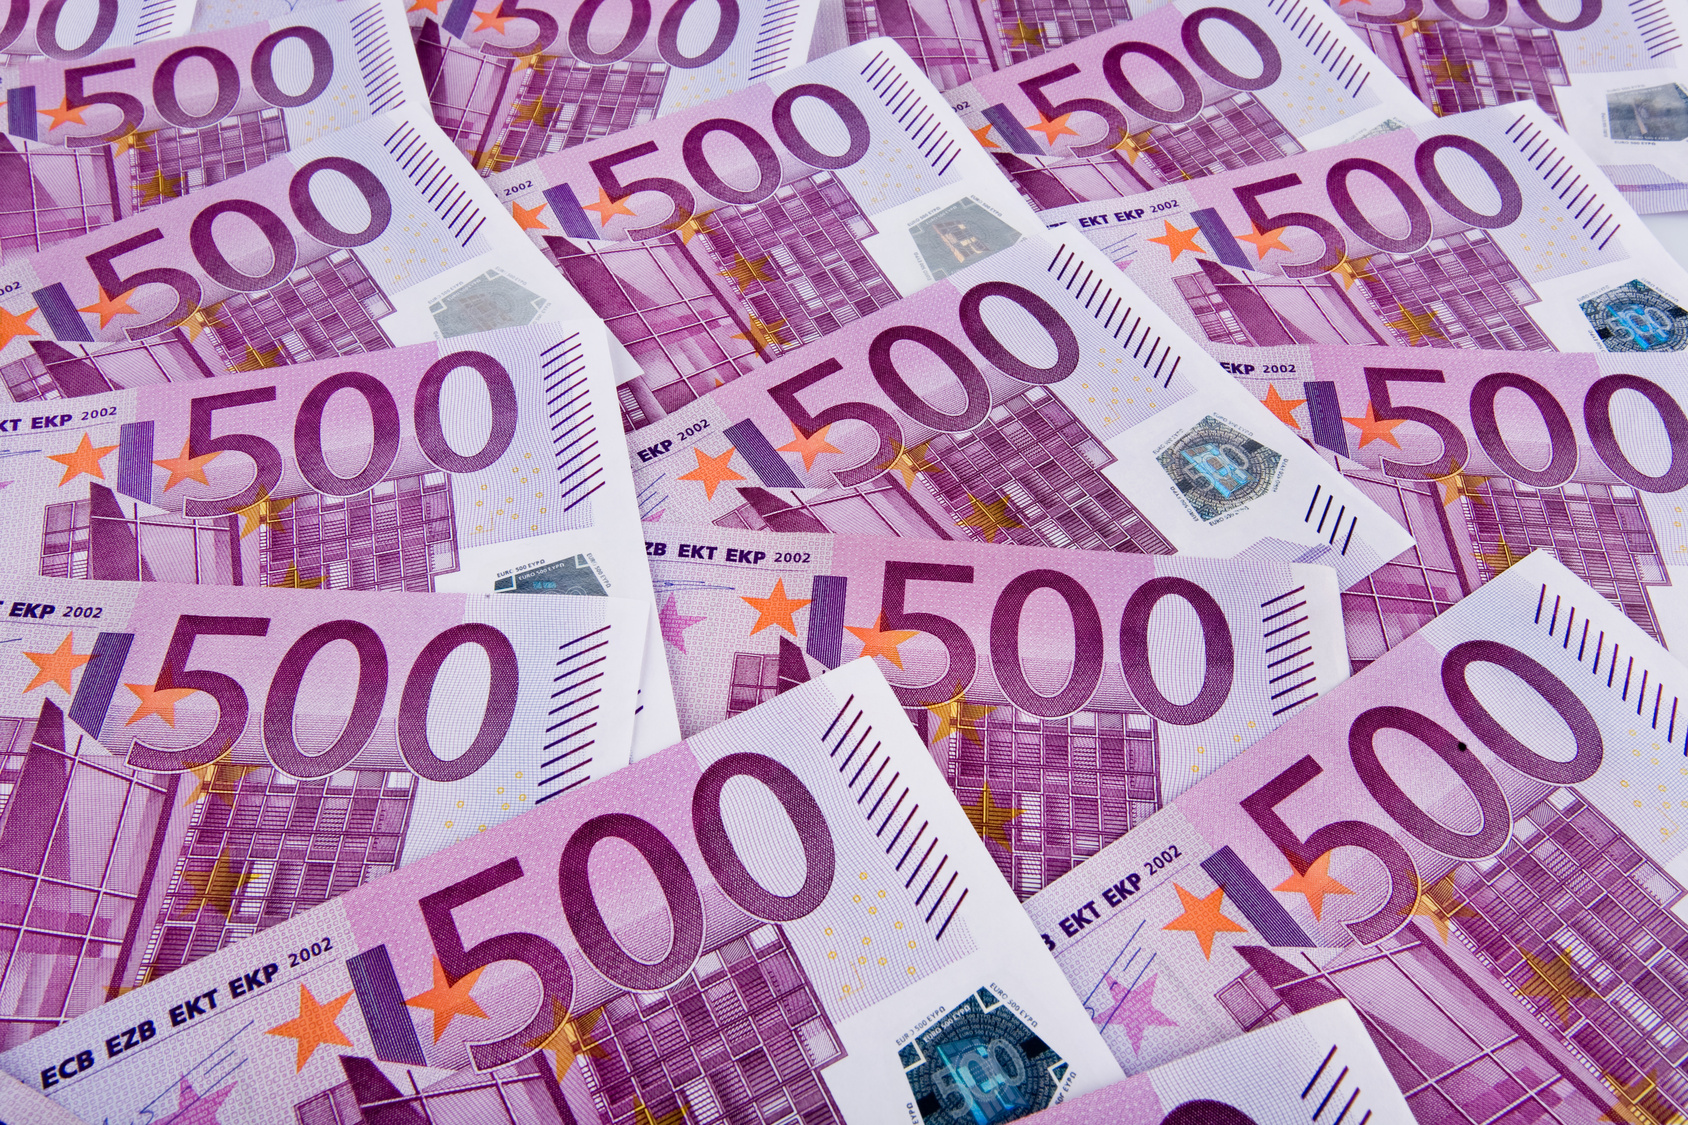 Eurogeldscheine - 500 Euroscheine